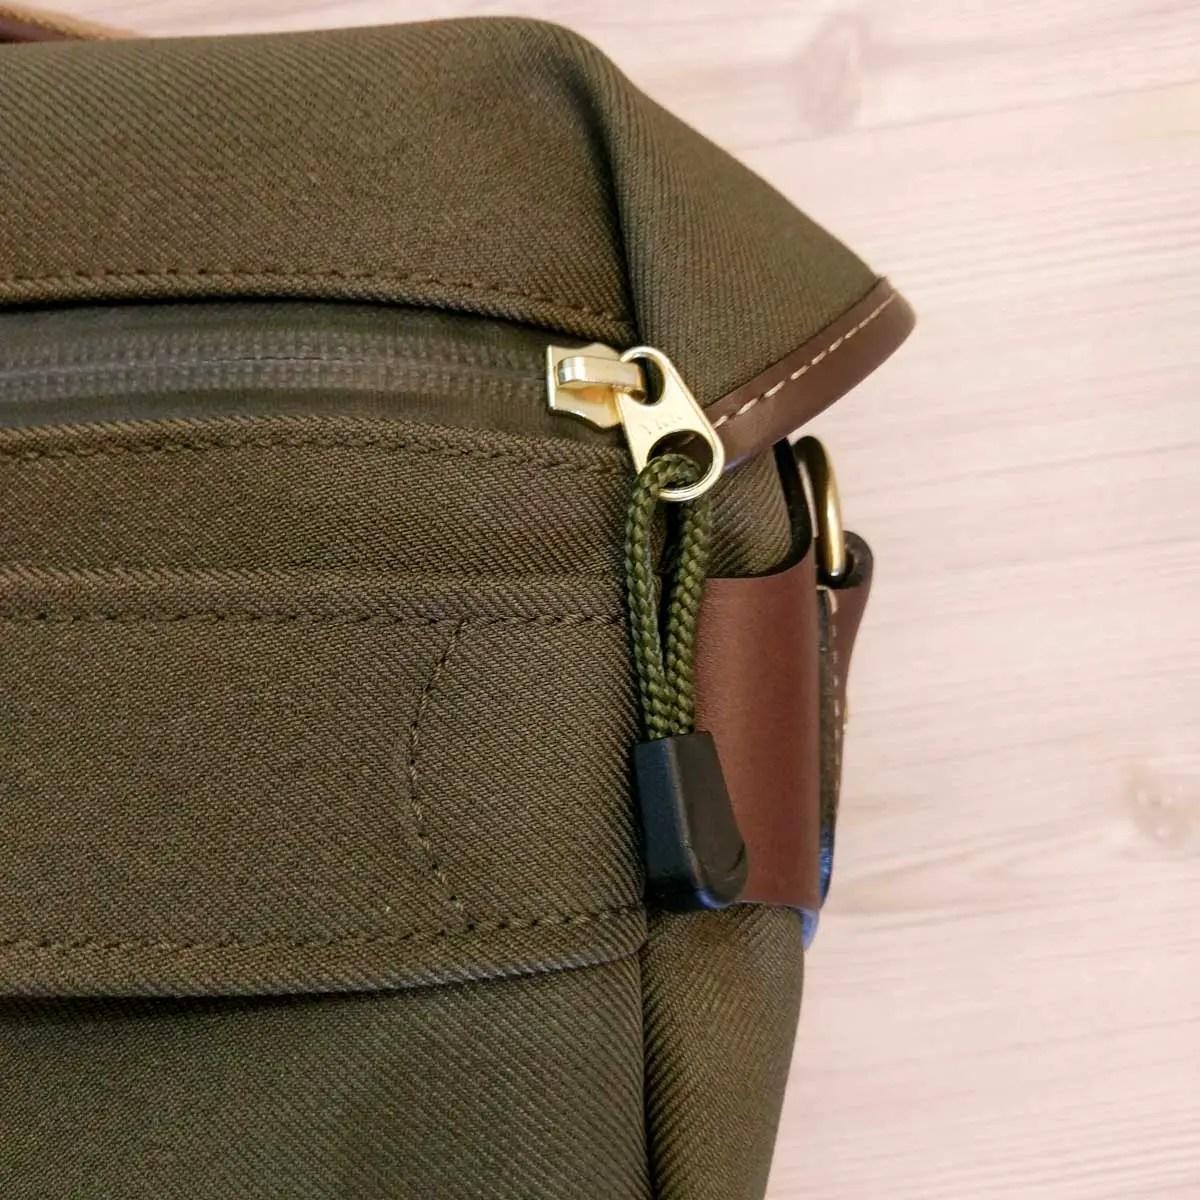 Billingham Hadley Small Pro - Rear zip